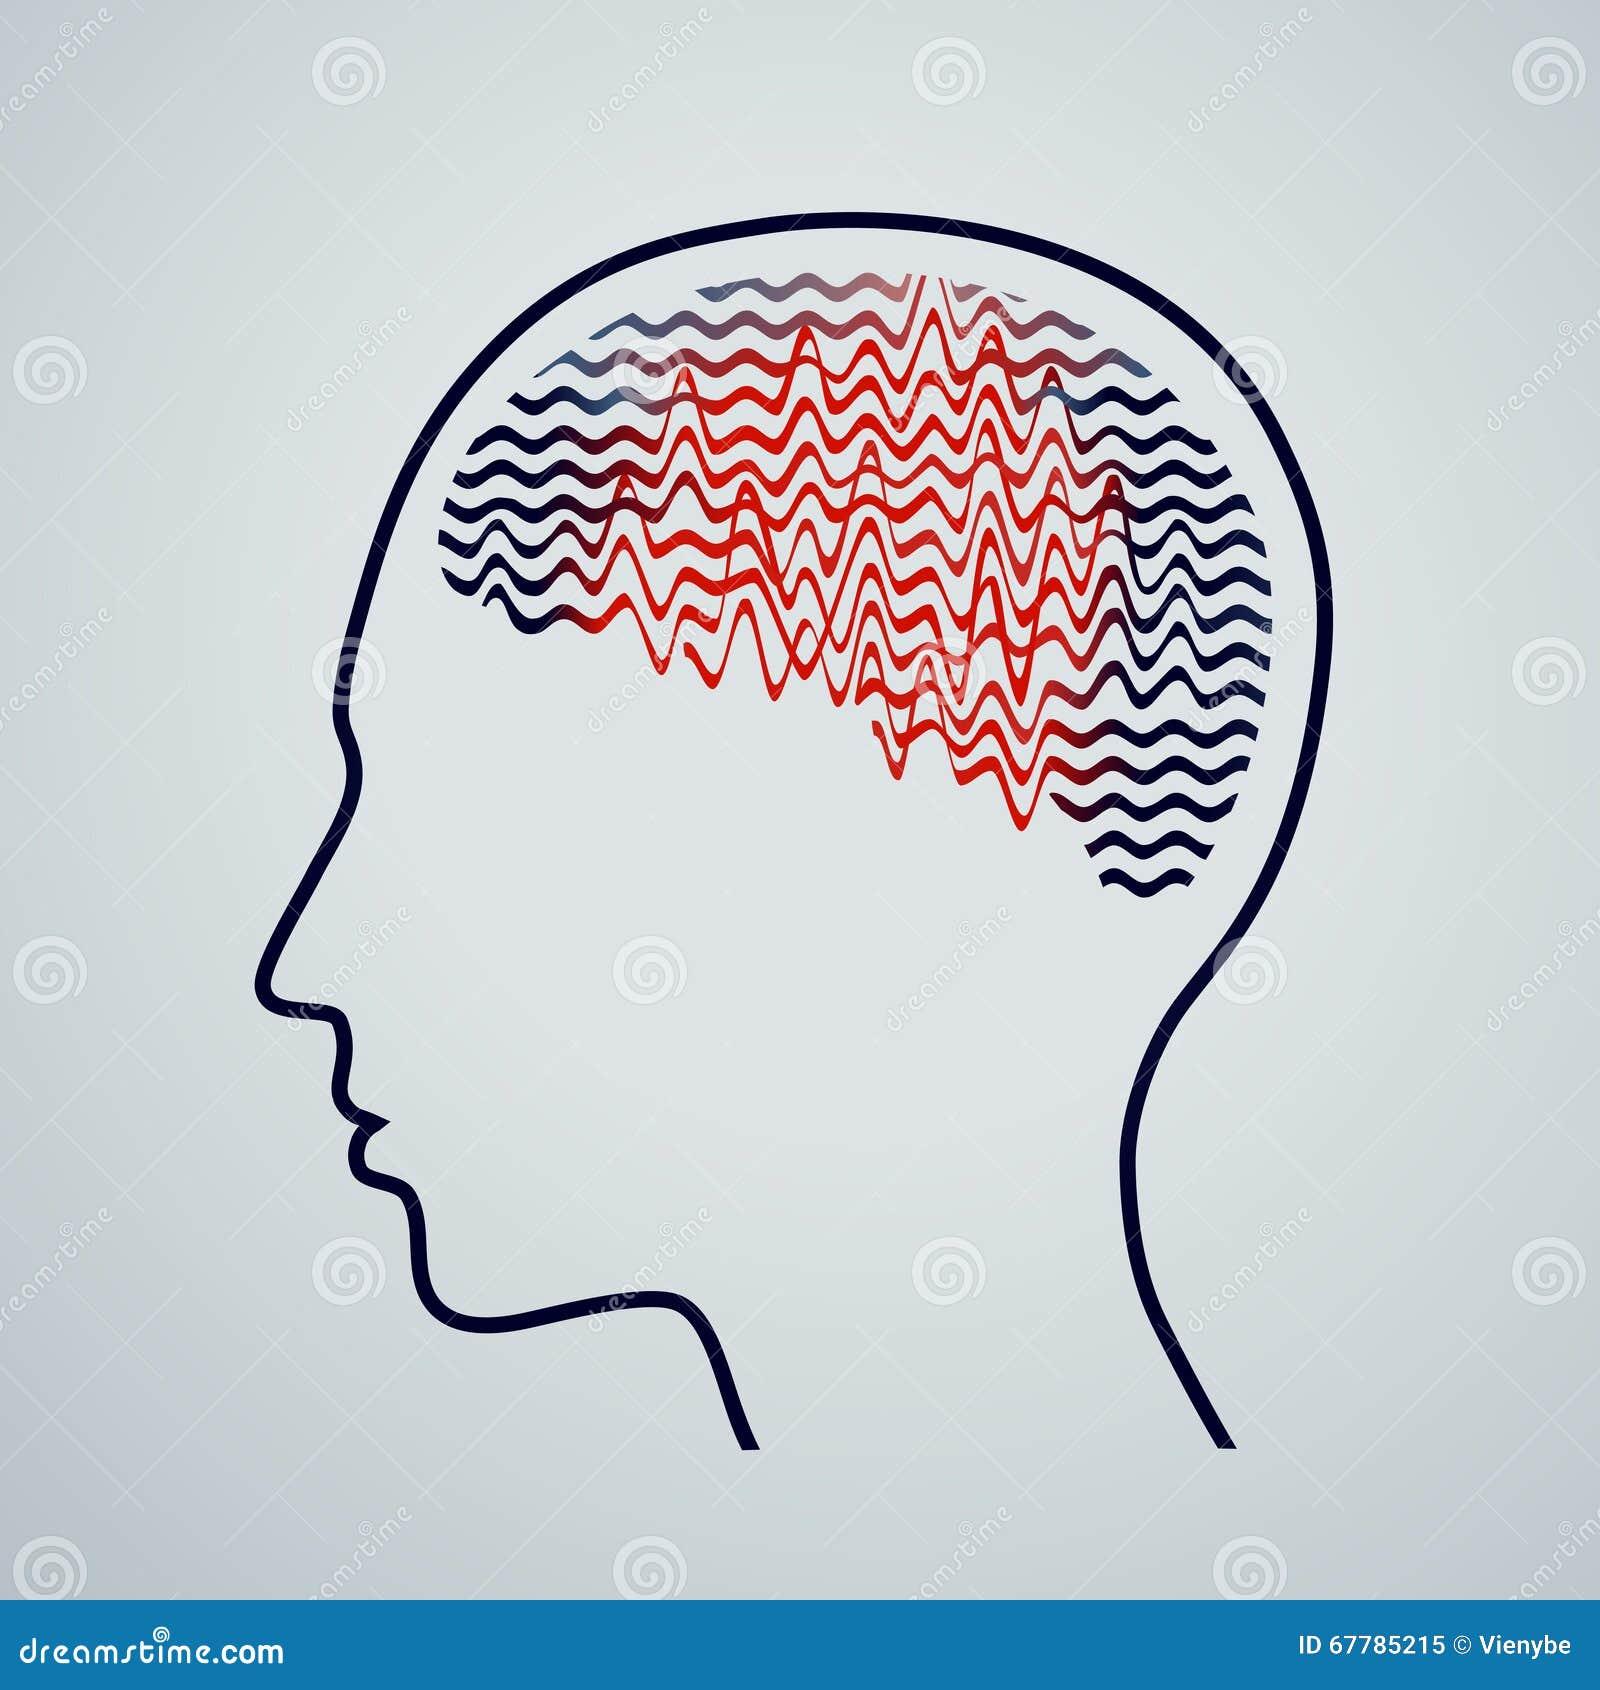 Mänsklig hjärna med epilepsiaktivitet, vektorillustration